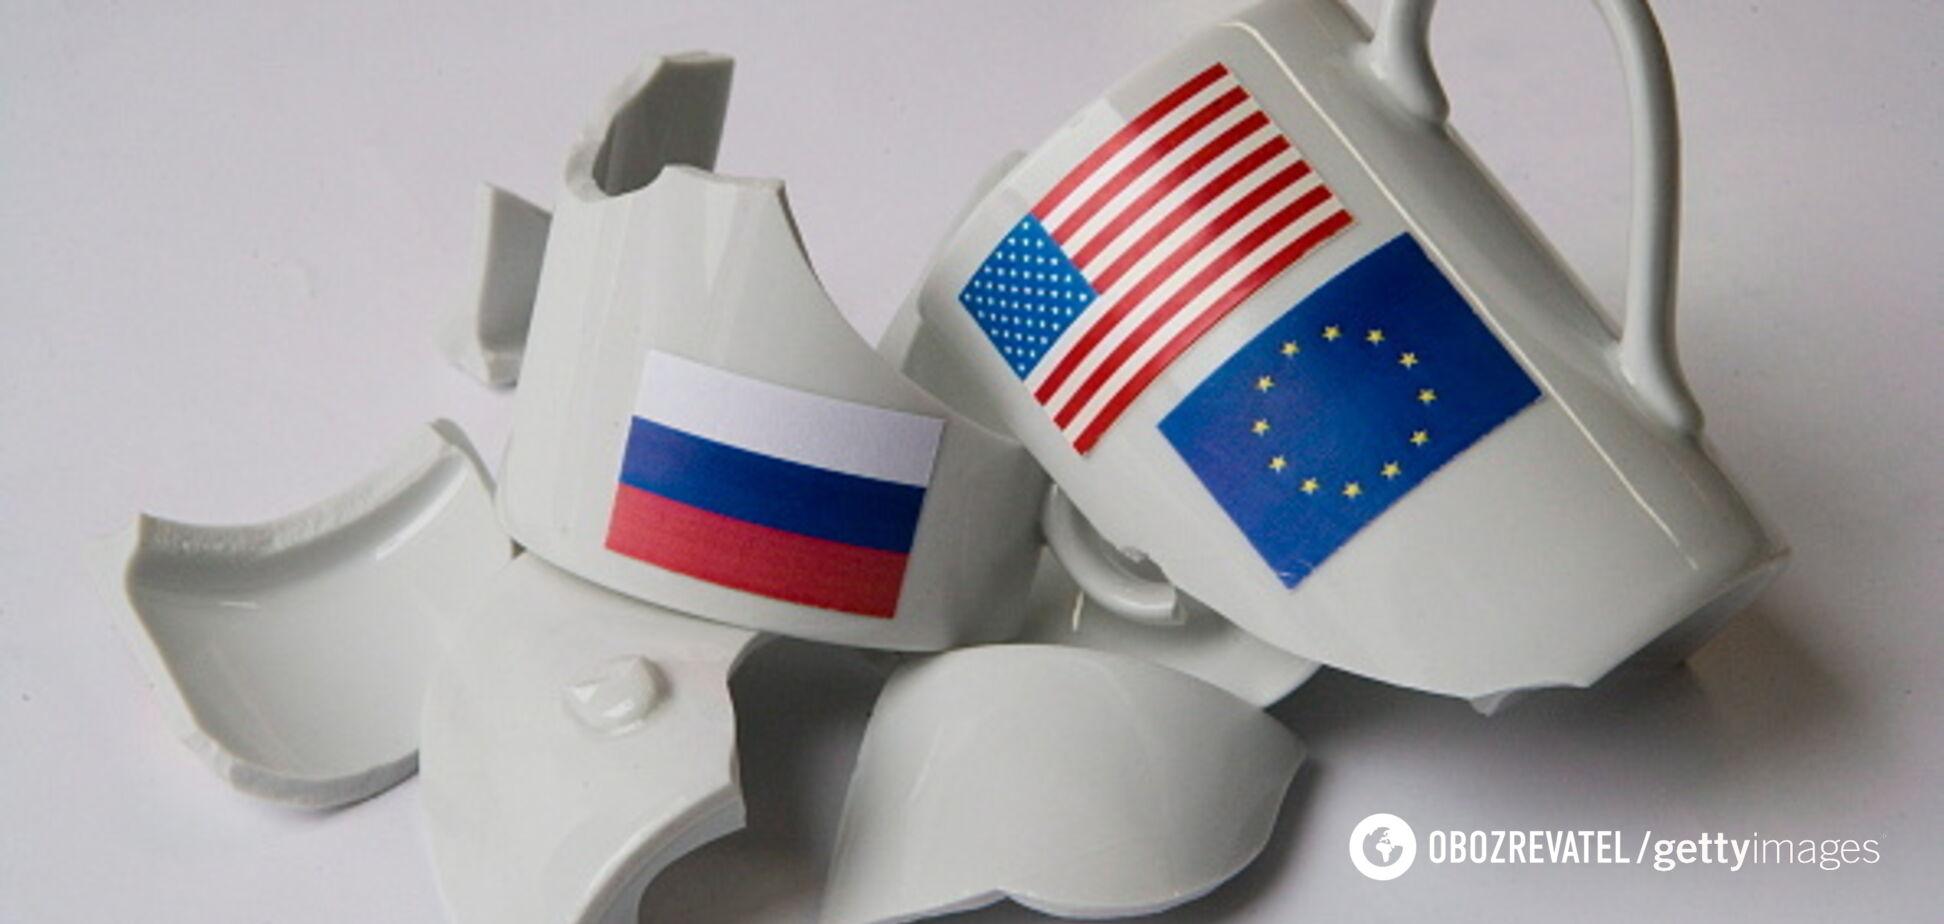 Лише 5%: Європі дорікнули за санкції проти Росії